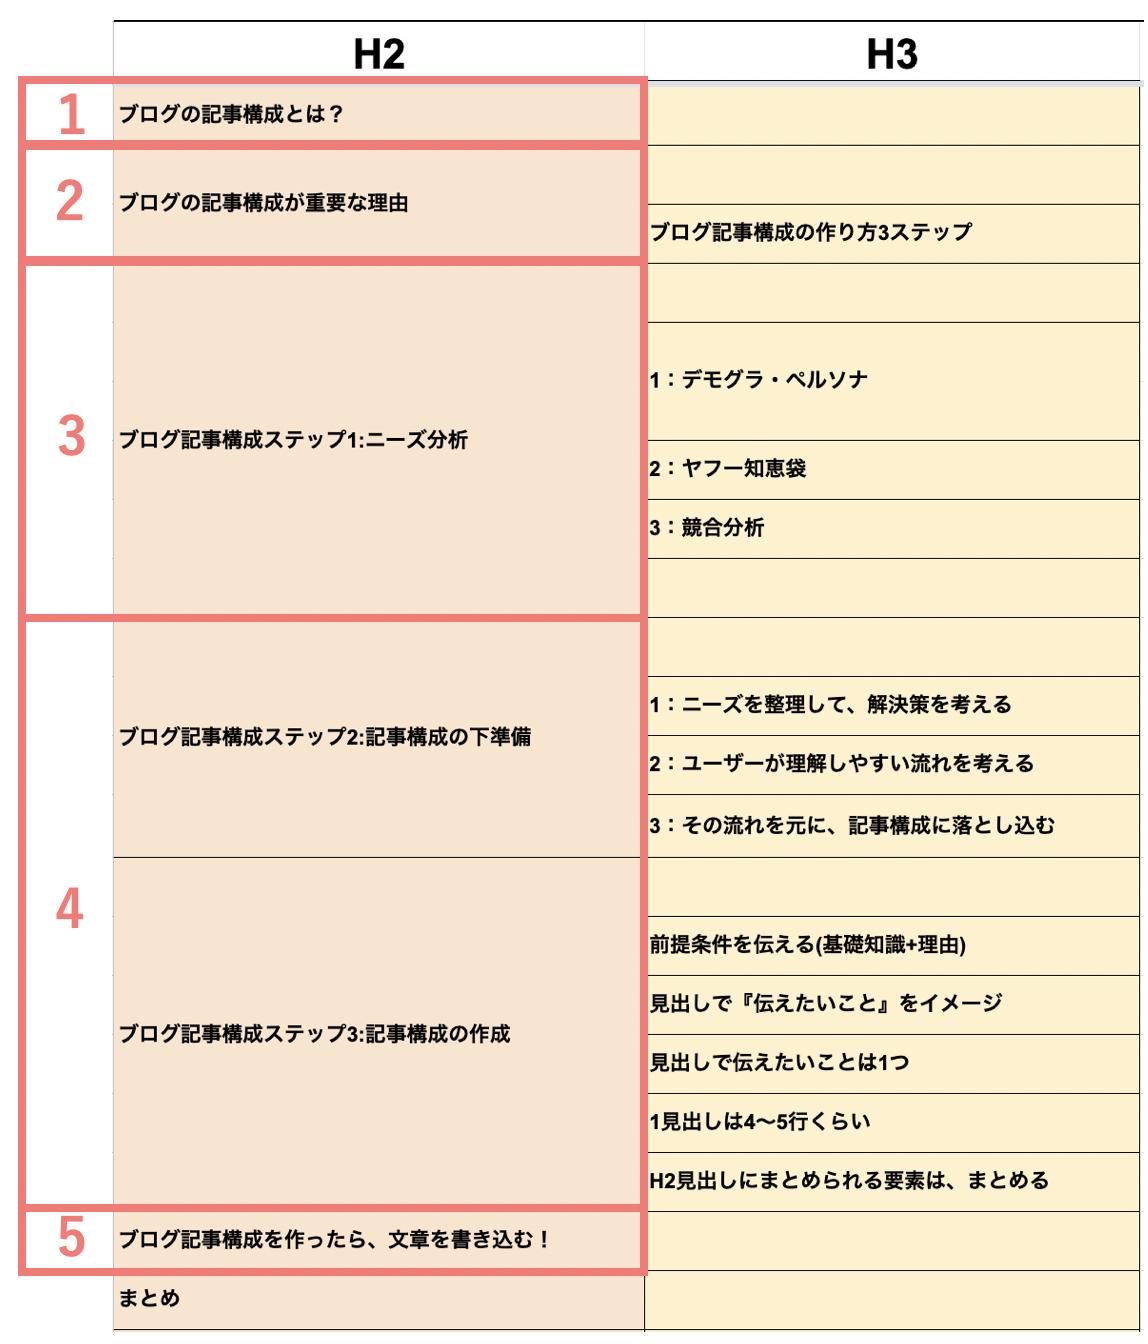 ブログ記事構成の作り方3ステップ(下準備:記事構成の完成図)